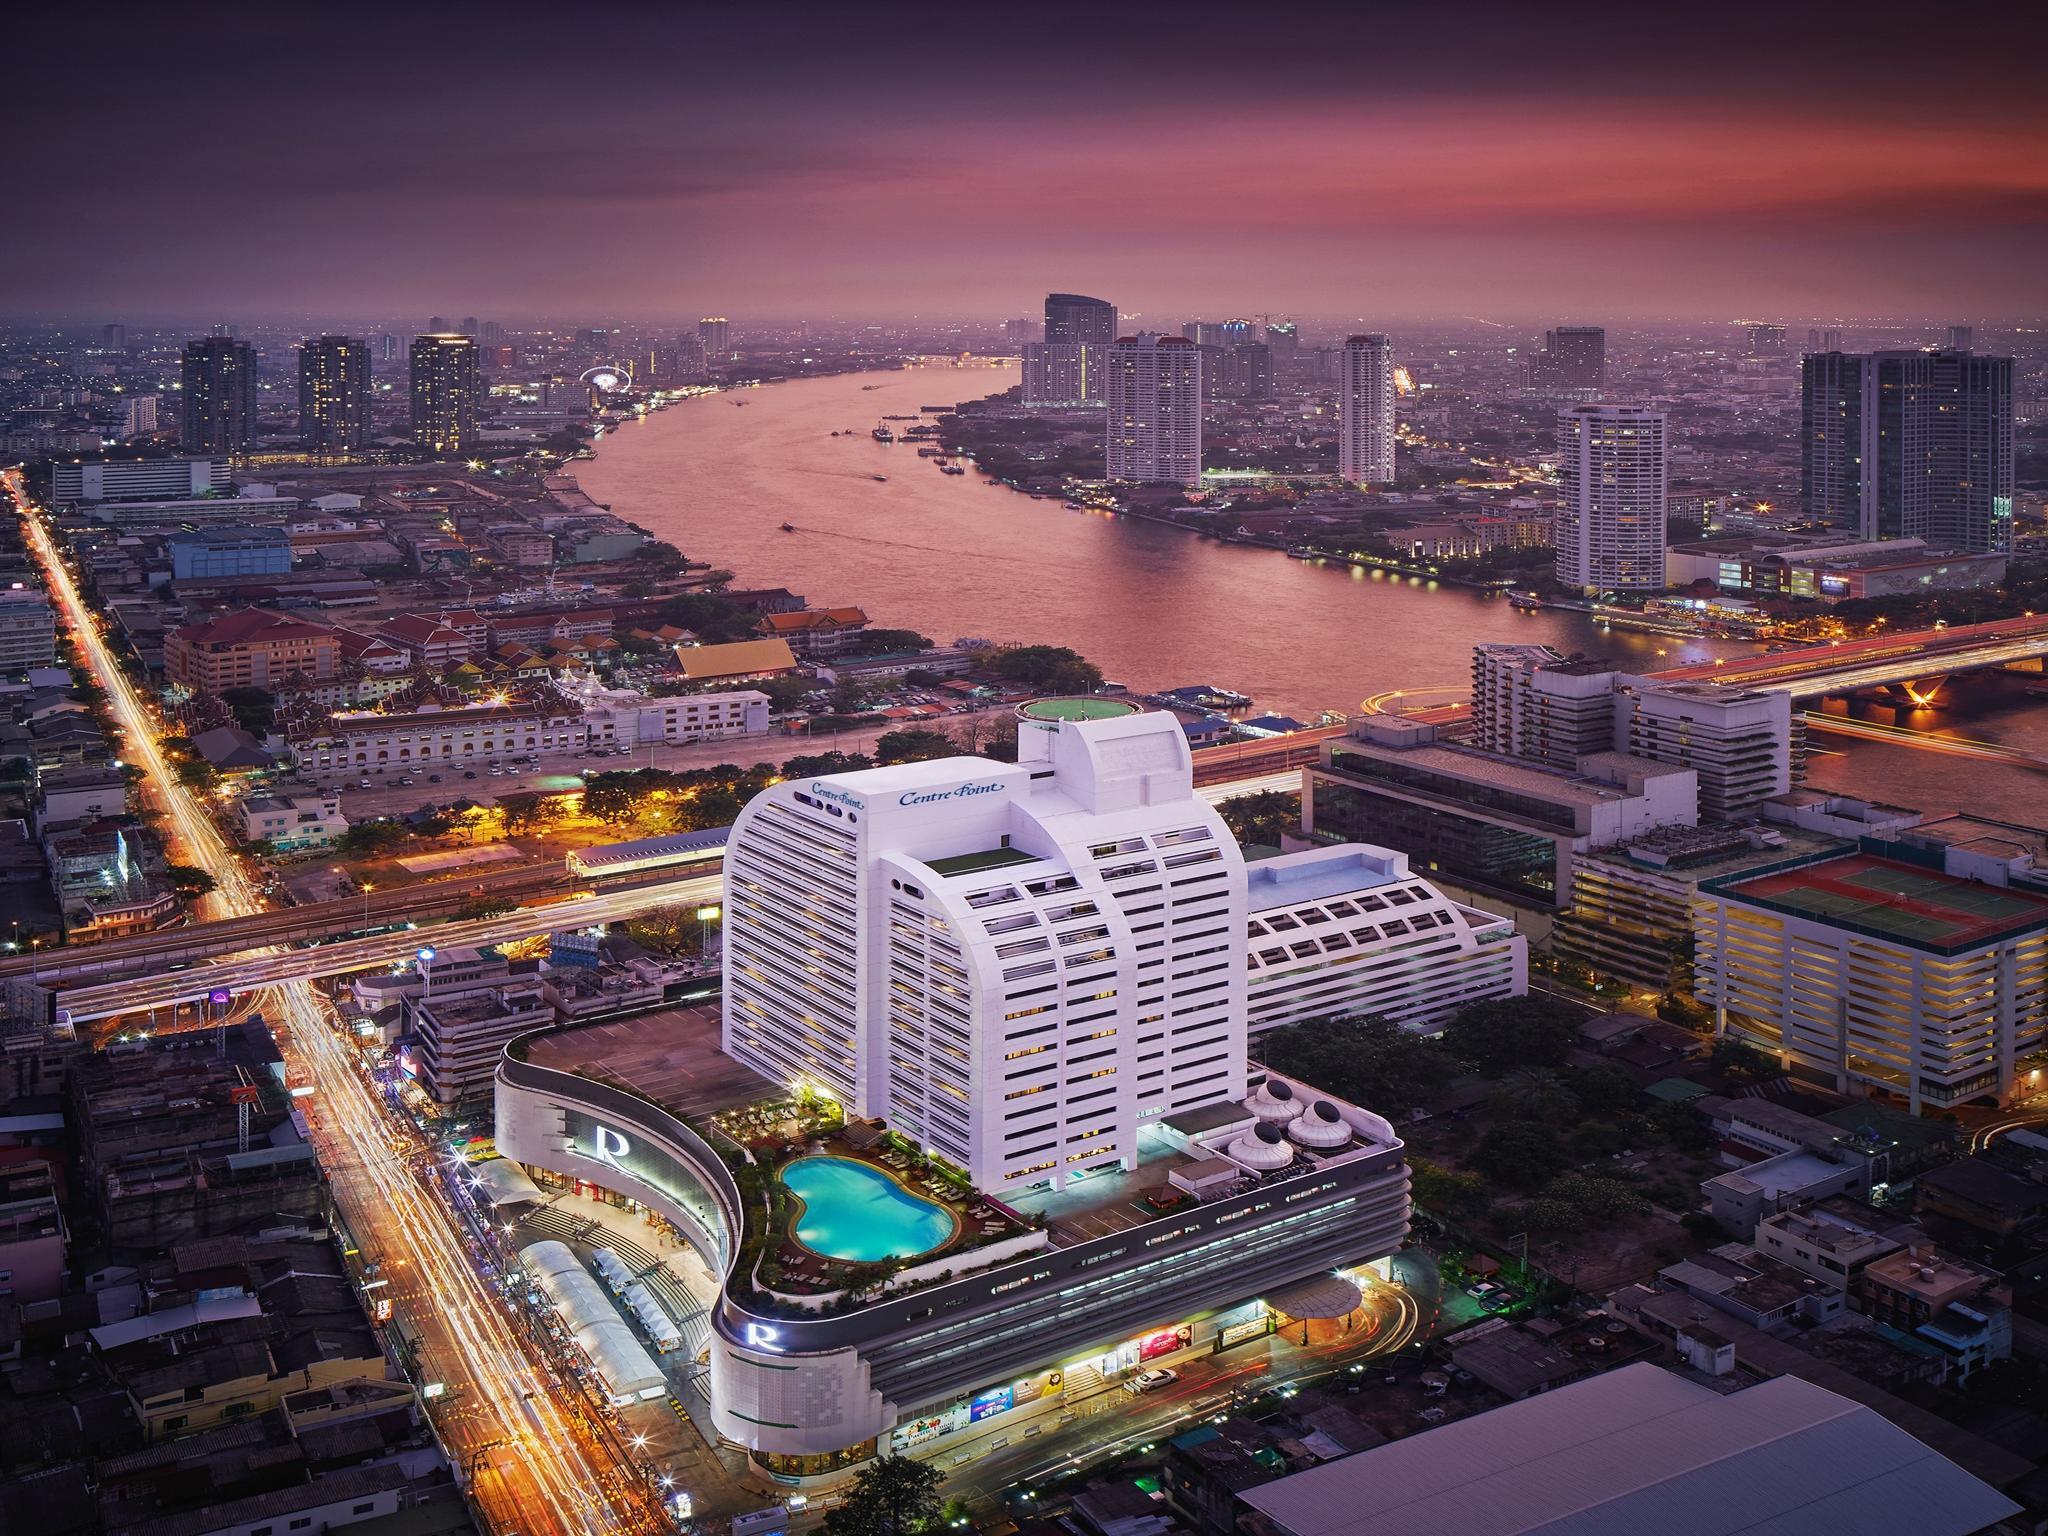 Centre Point Silom River View Hotel. - Bangkok